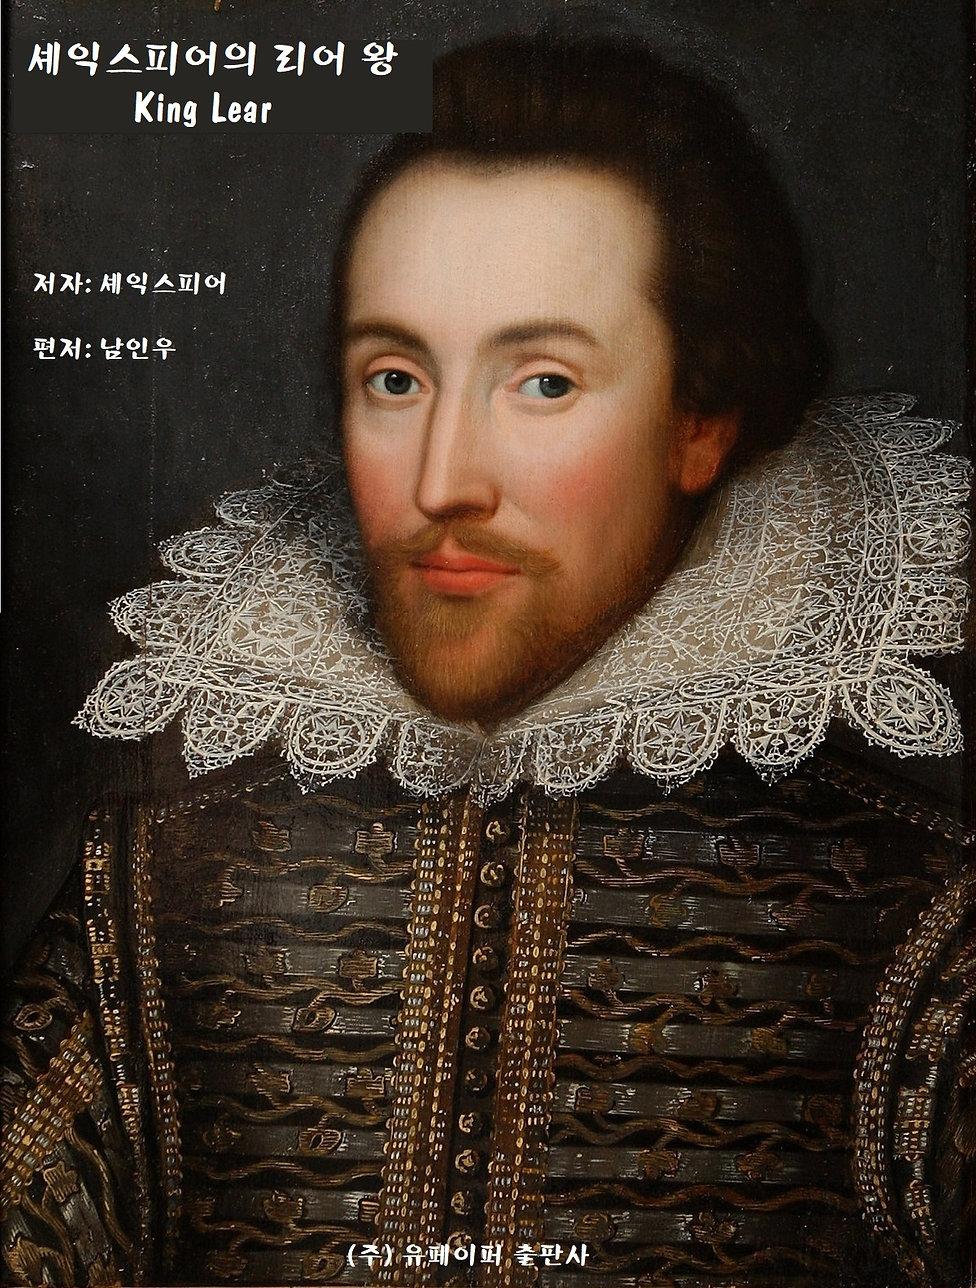 셰익스피어의 리어 왕. King Lear.jpg